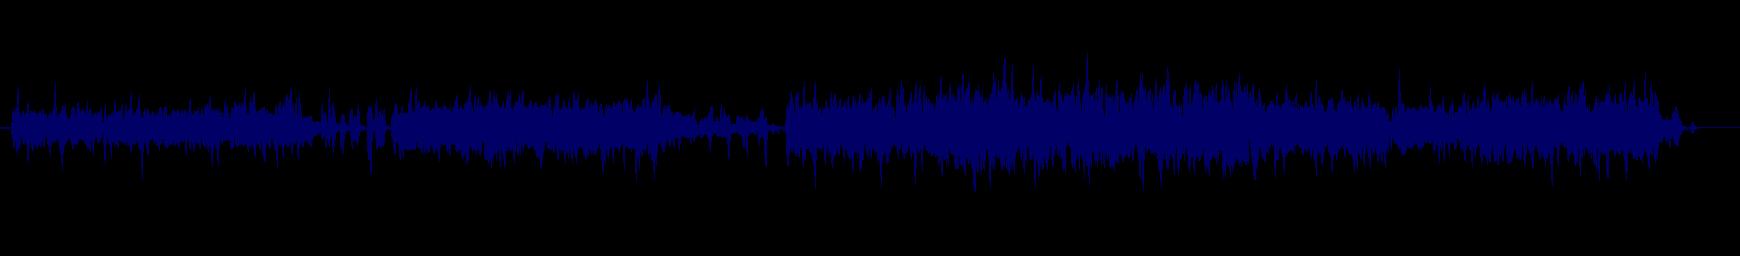 waveform of track #142448